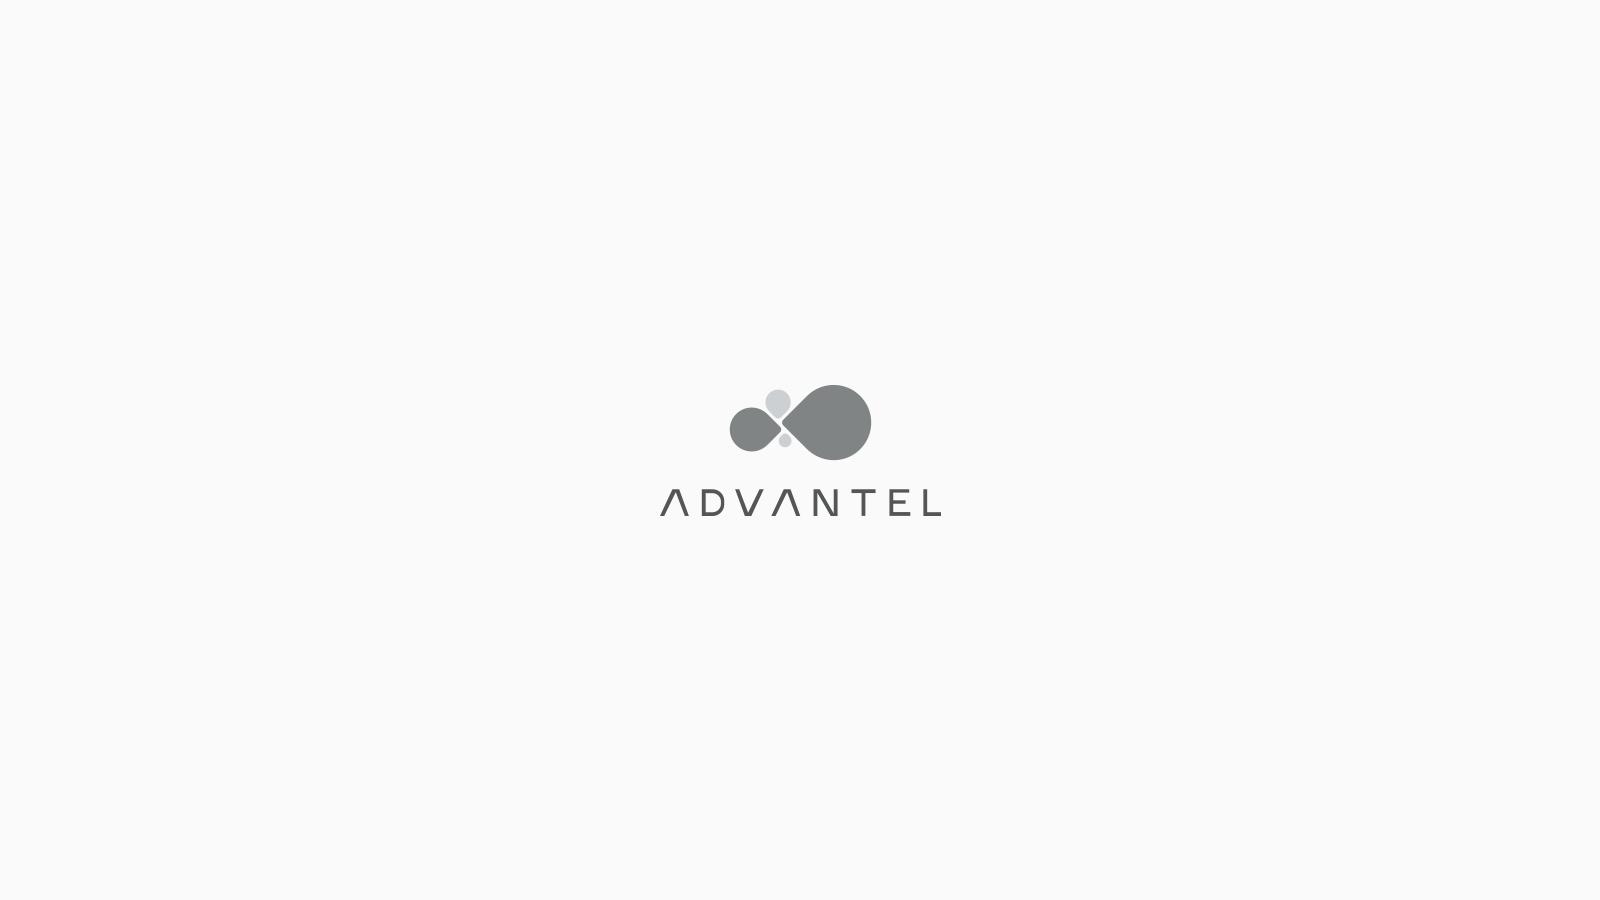 Advantel 2.jpg